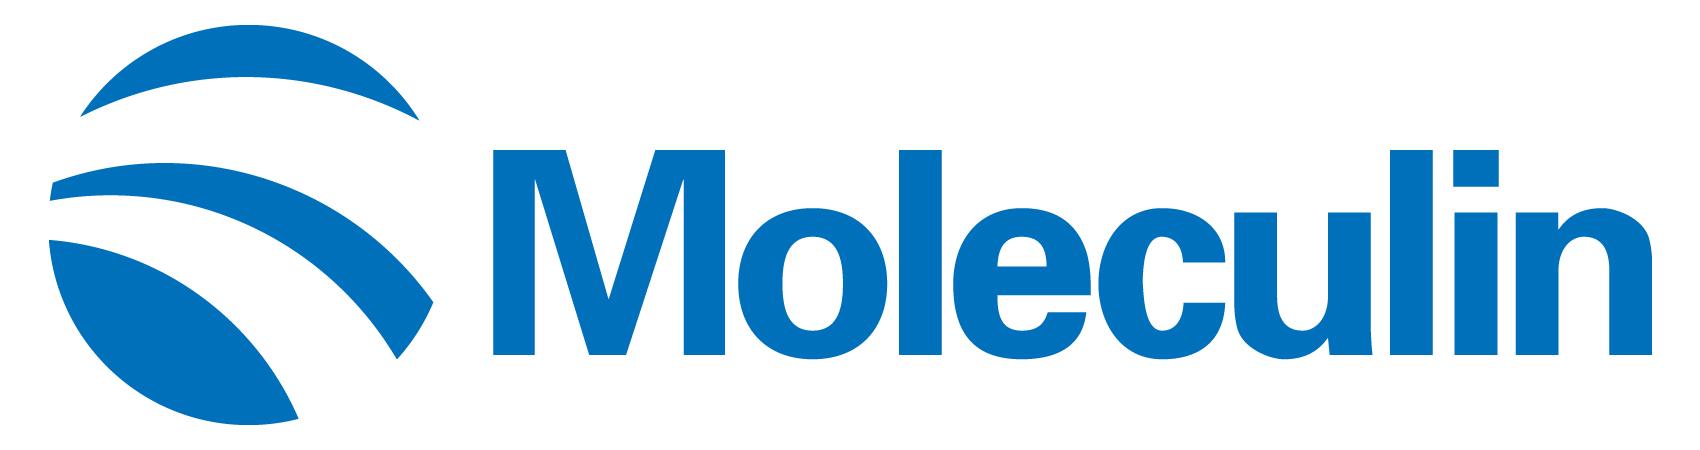 MOLECULIN-LOGO_HORIZA41.JPG